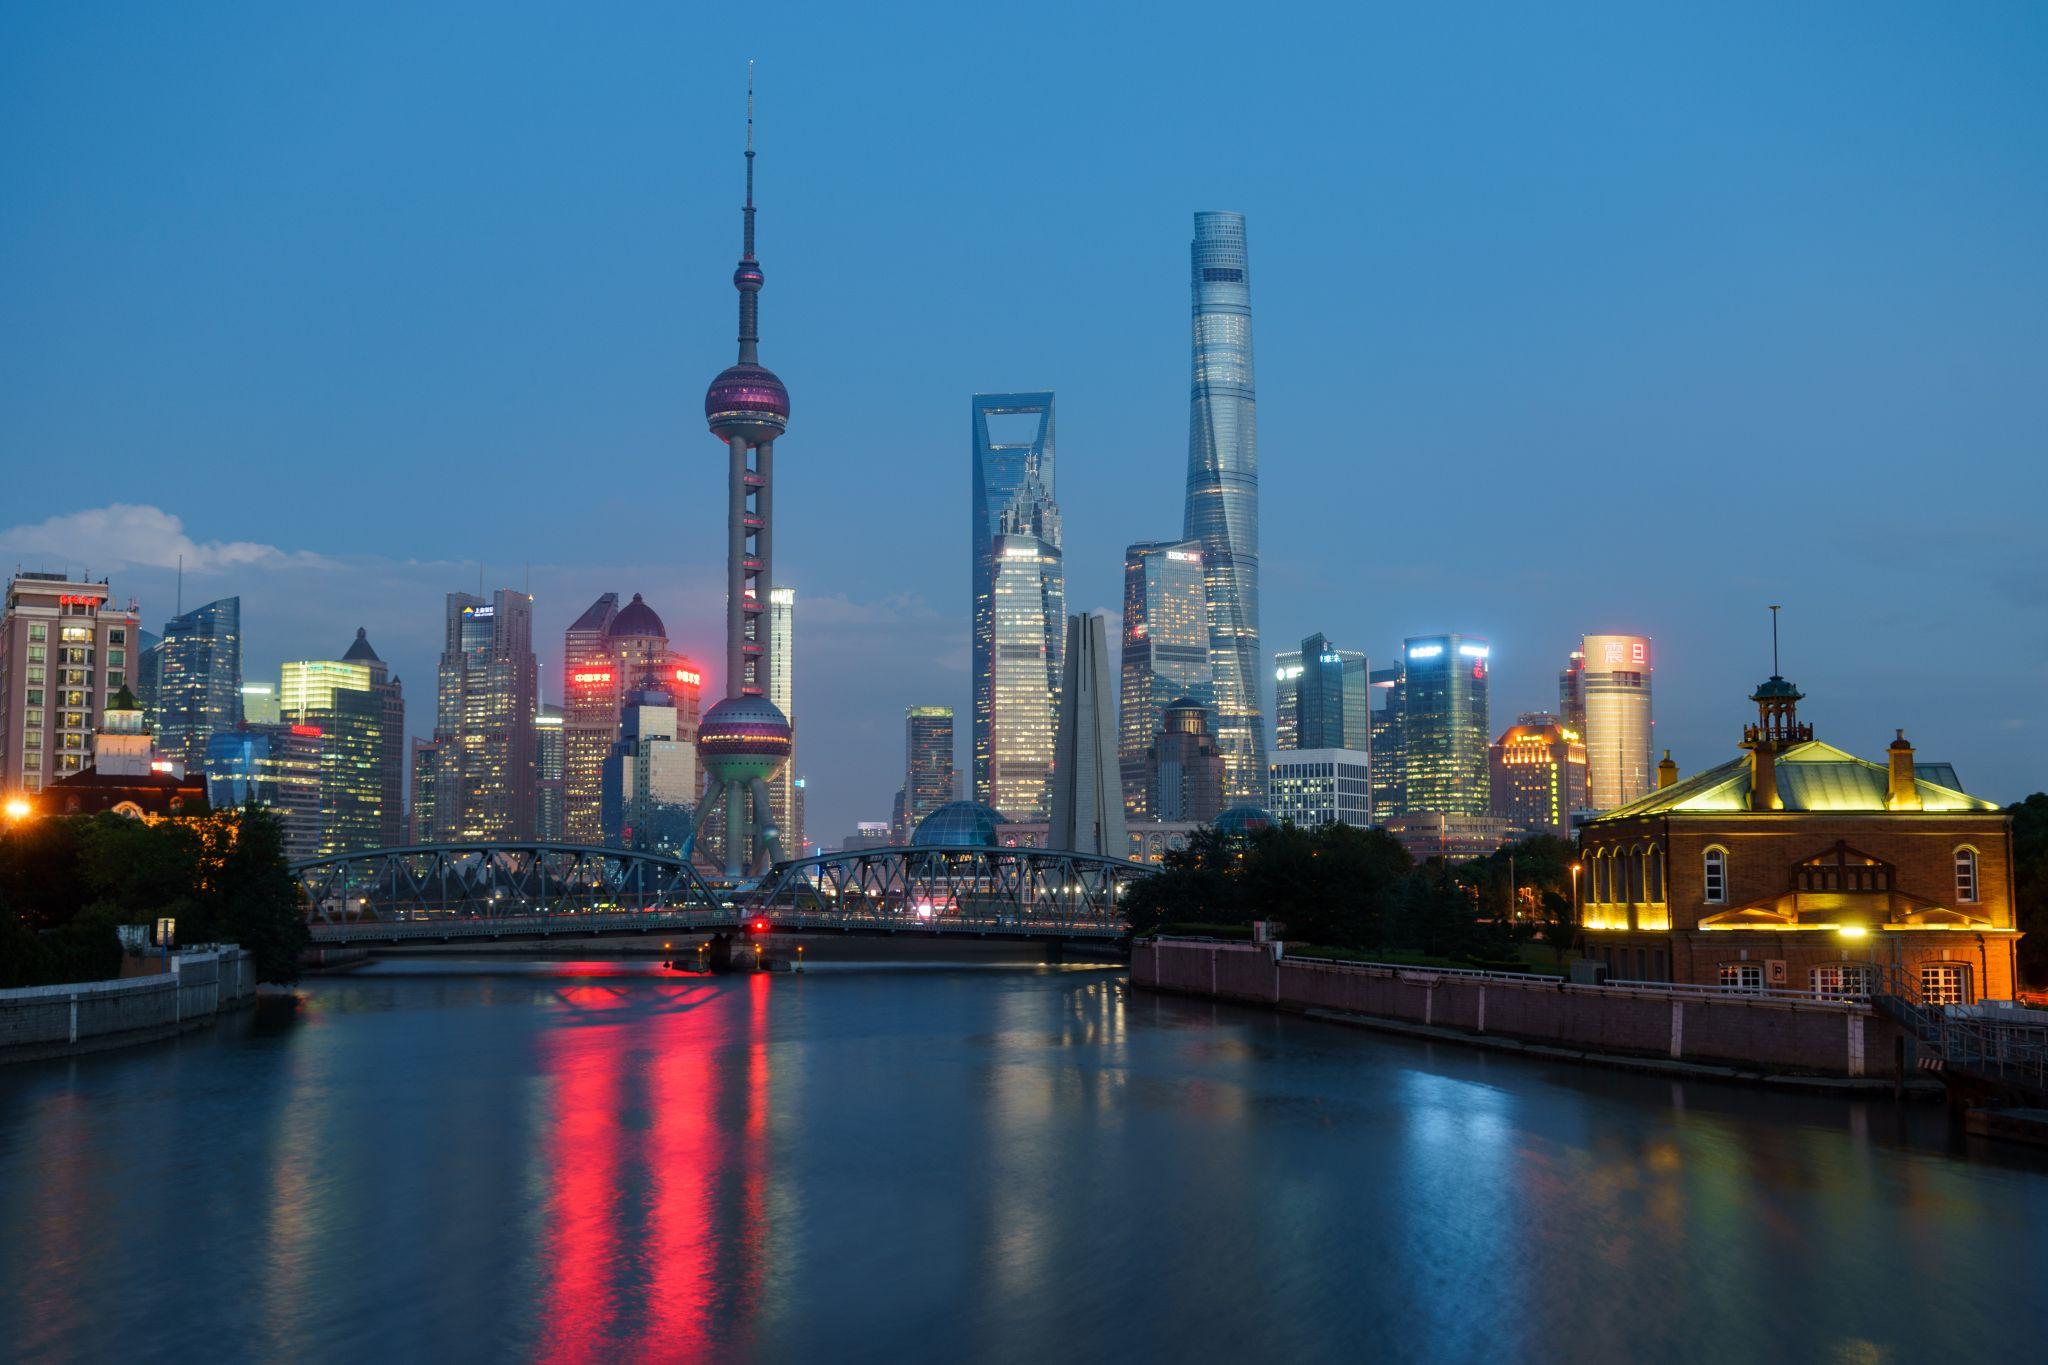 Pudong Skyline from Zhapu Bridge, China